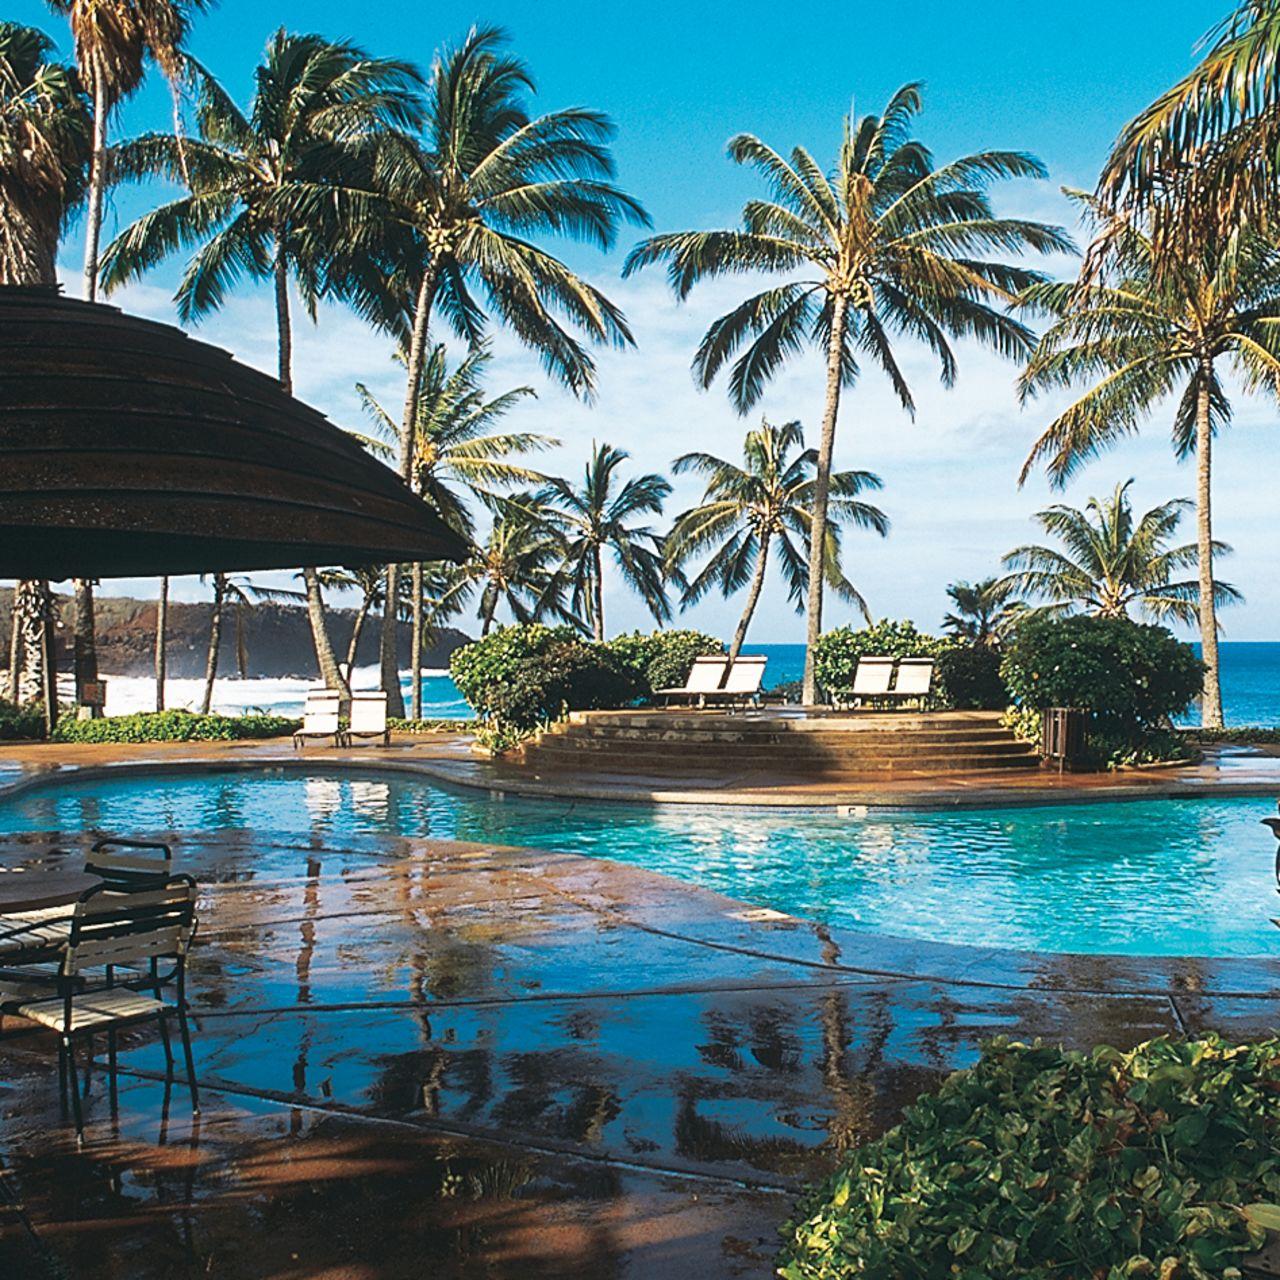 Whats The Big Island Hawaii